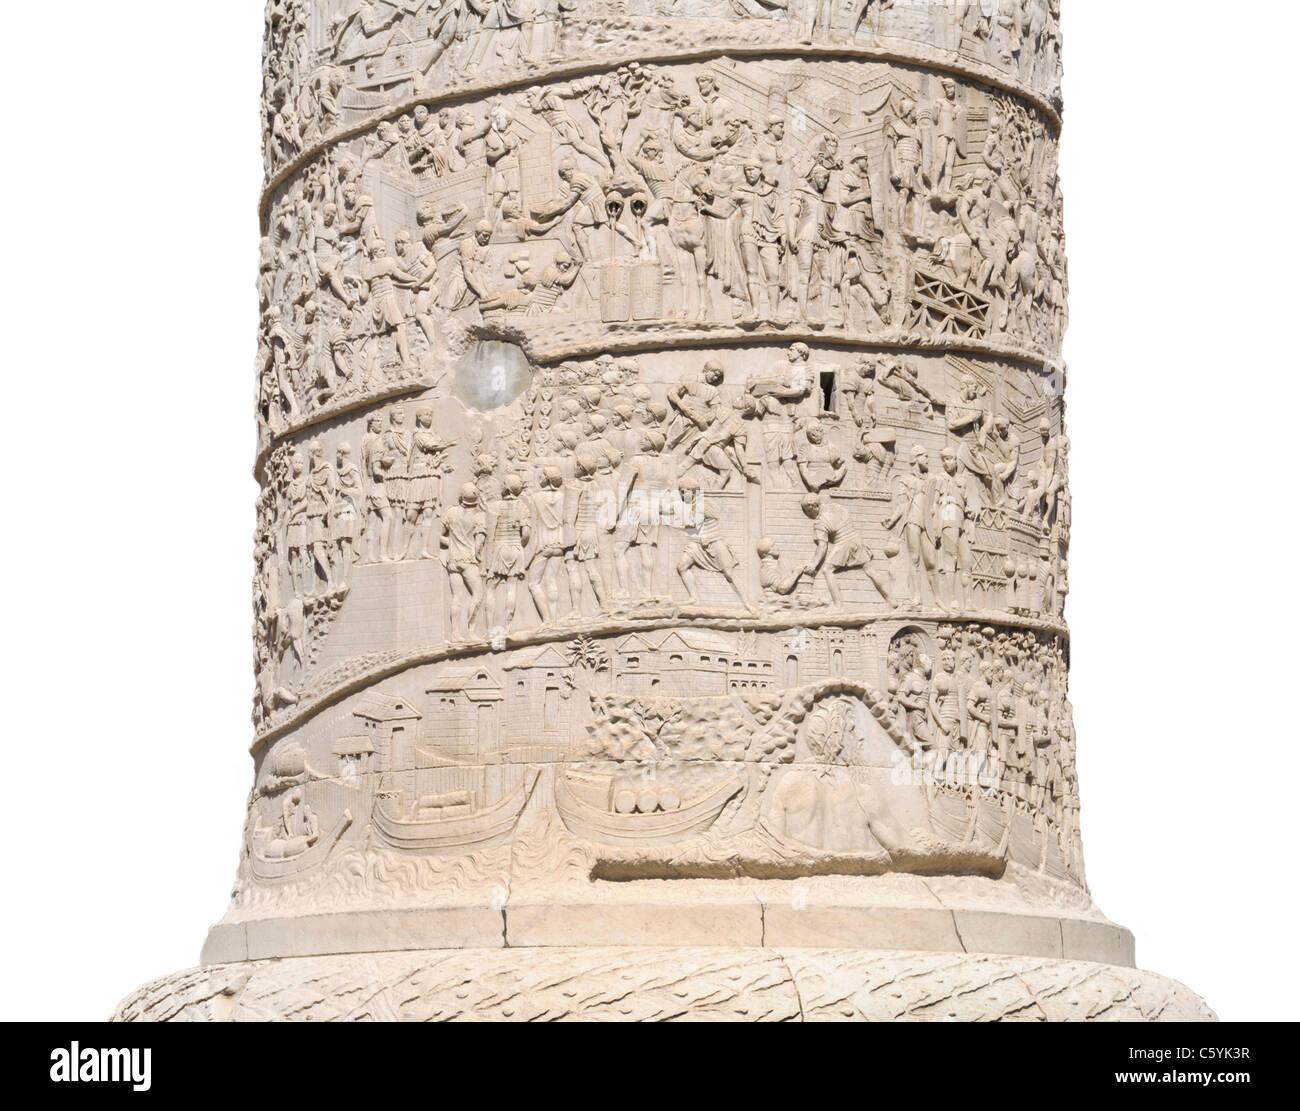 Colonna di Traiano (Colonna Traiana) Dettaglio, Roma Immagini Stock